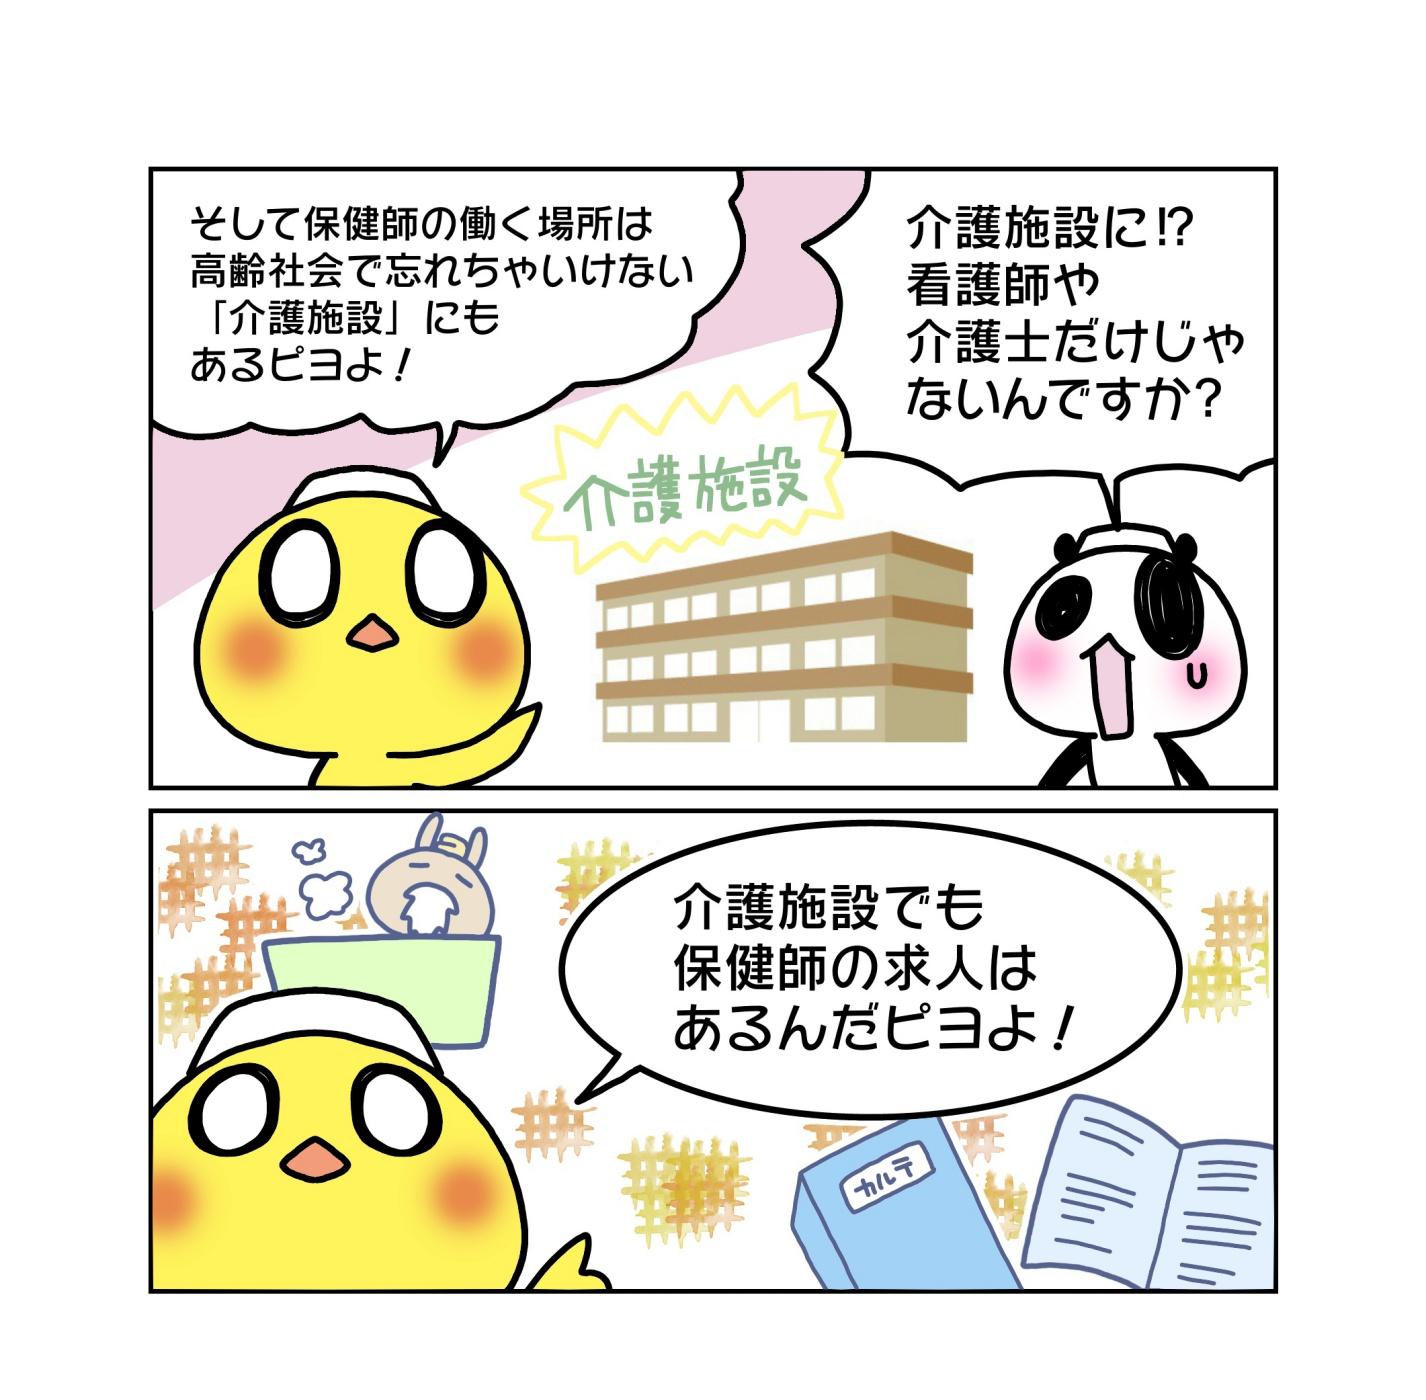 『介護施設で働く』マンガ